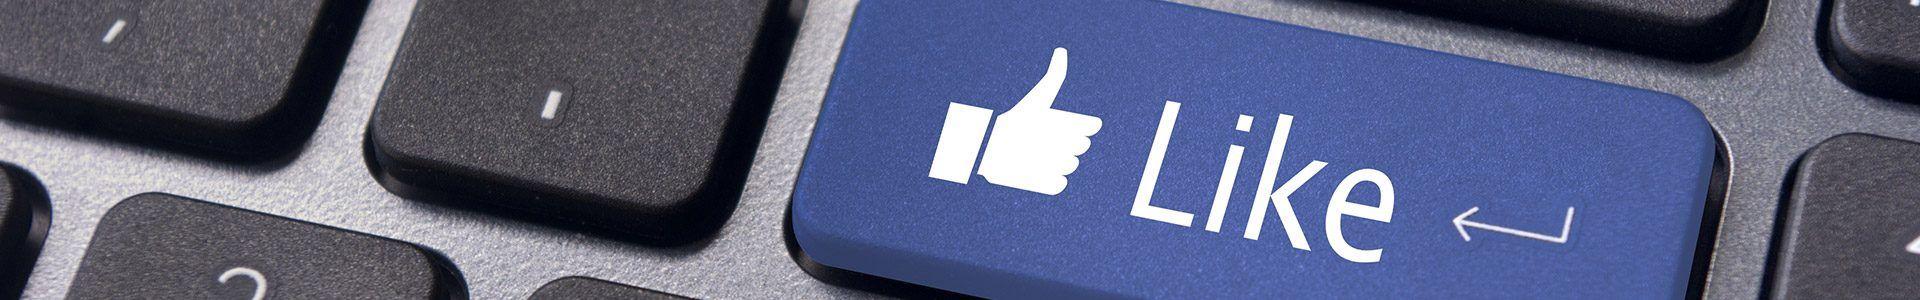 tips-voor-een-goede-facebookbedrijfspagina